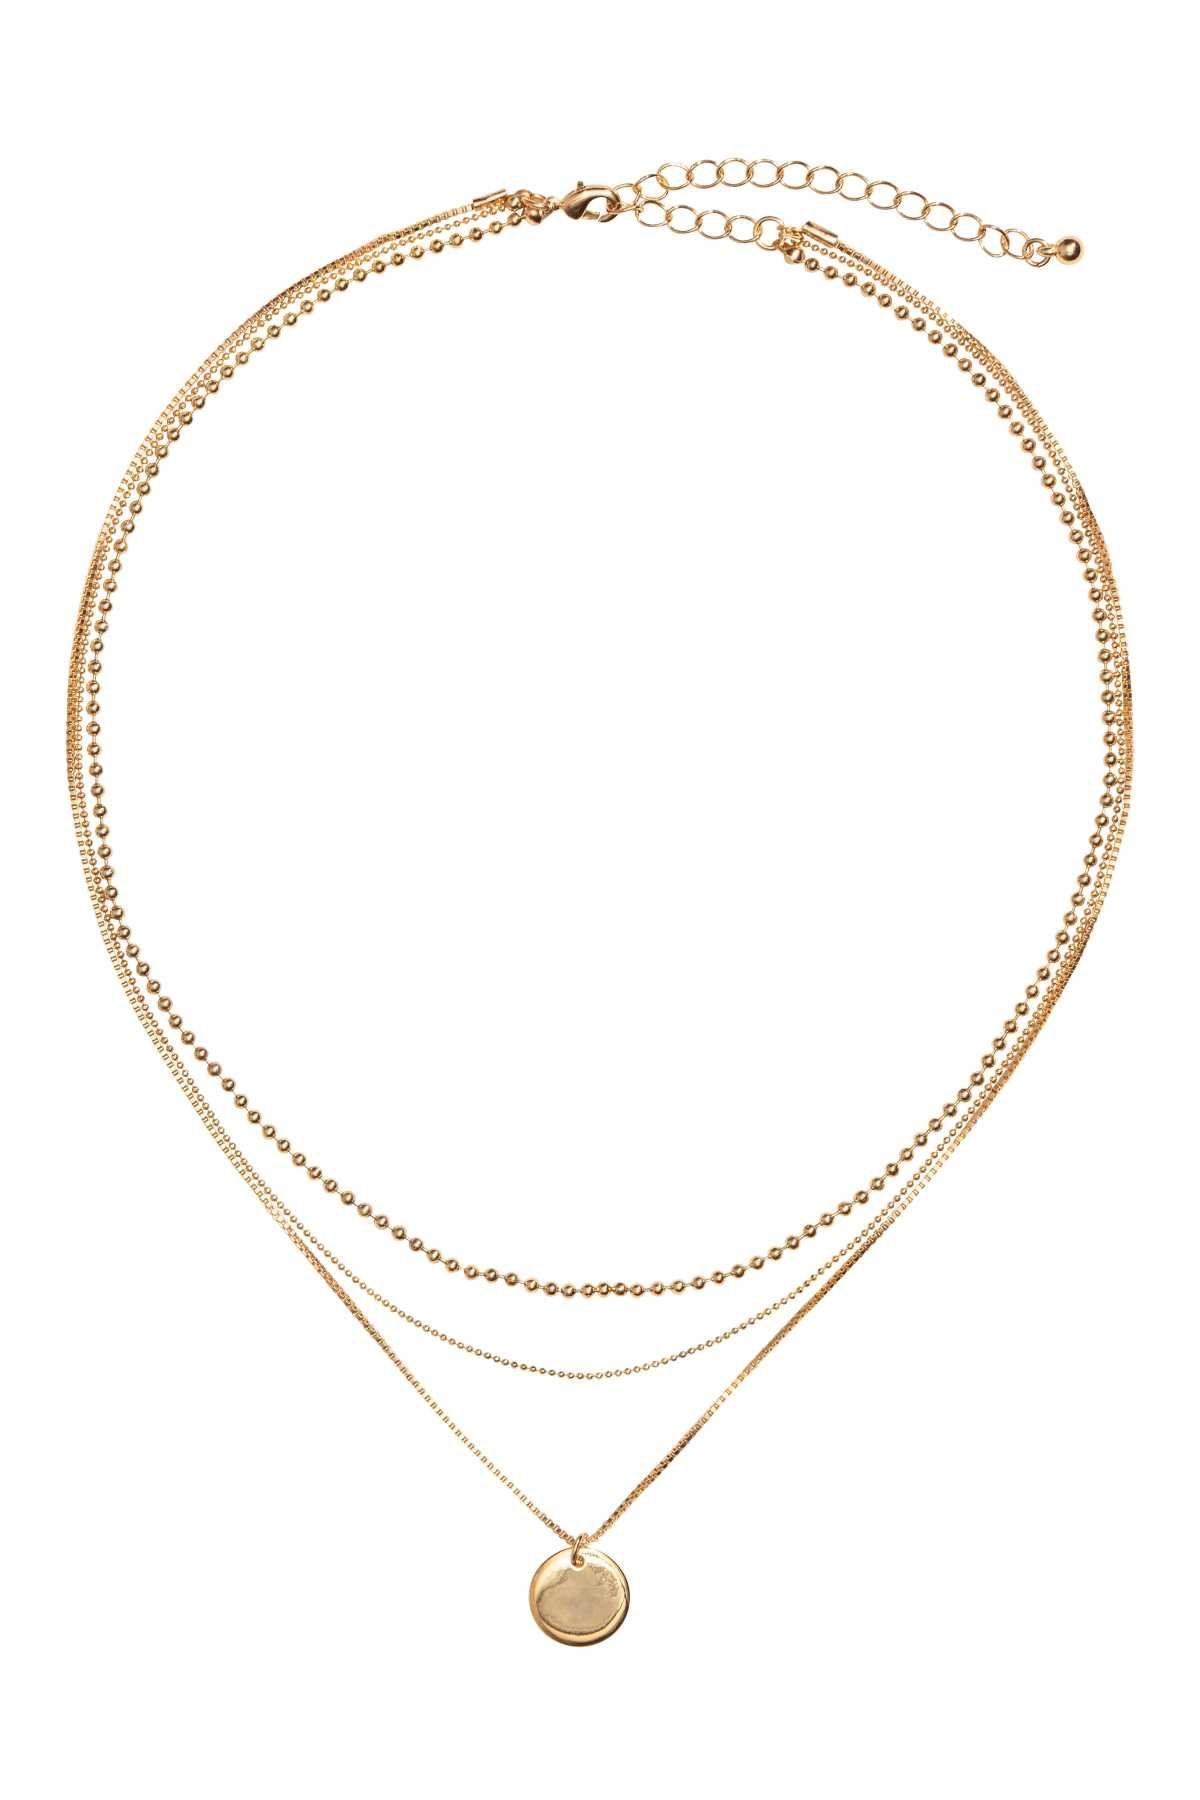 e78e134a0e36 Dorado. Collar corto de tres vueltas con cadenas de metal distintas. La  cadena más larga incluye un colgante redondo. Largo ajustable 42-49 cm.